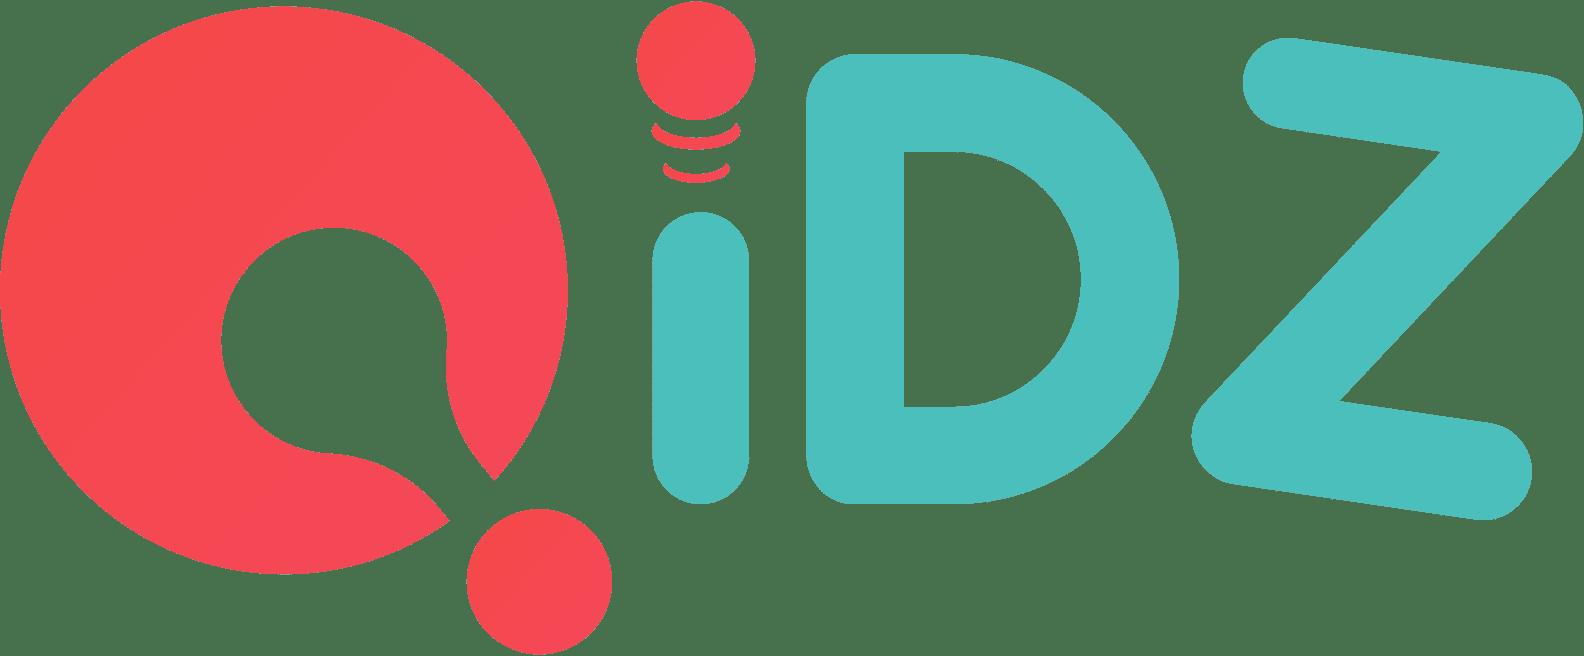 QiDZ logo